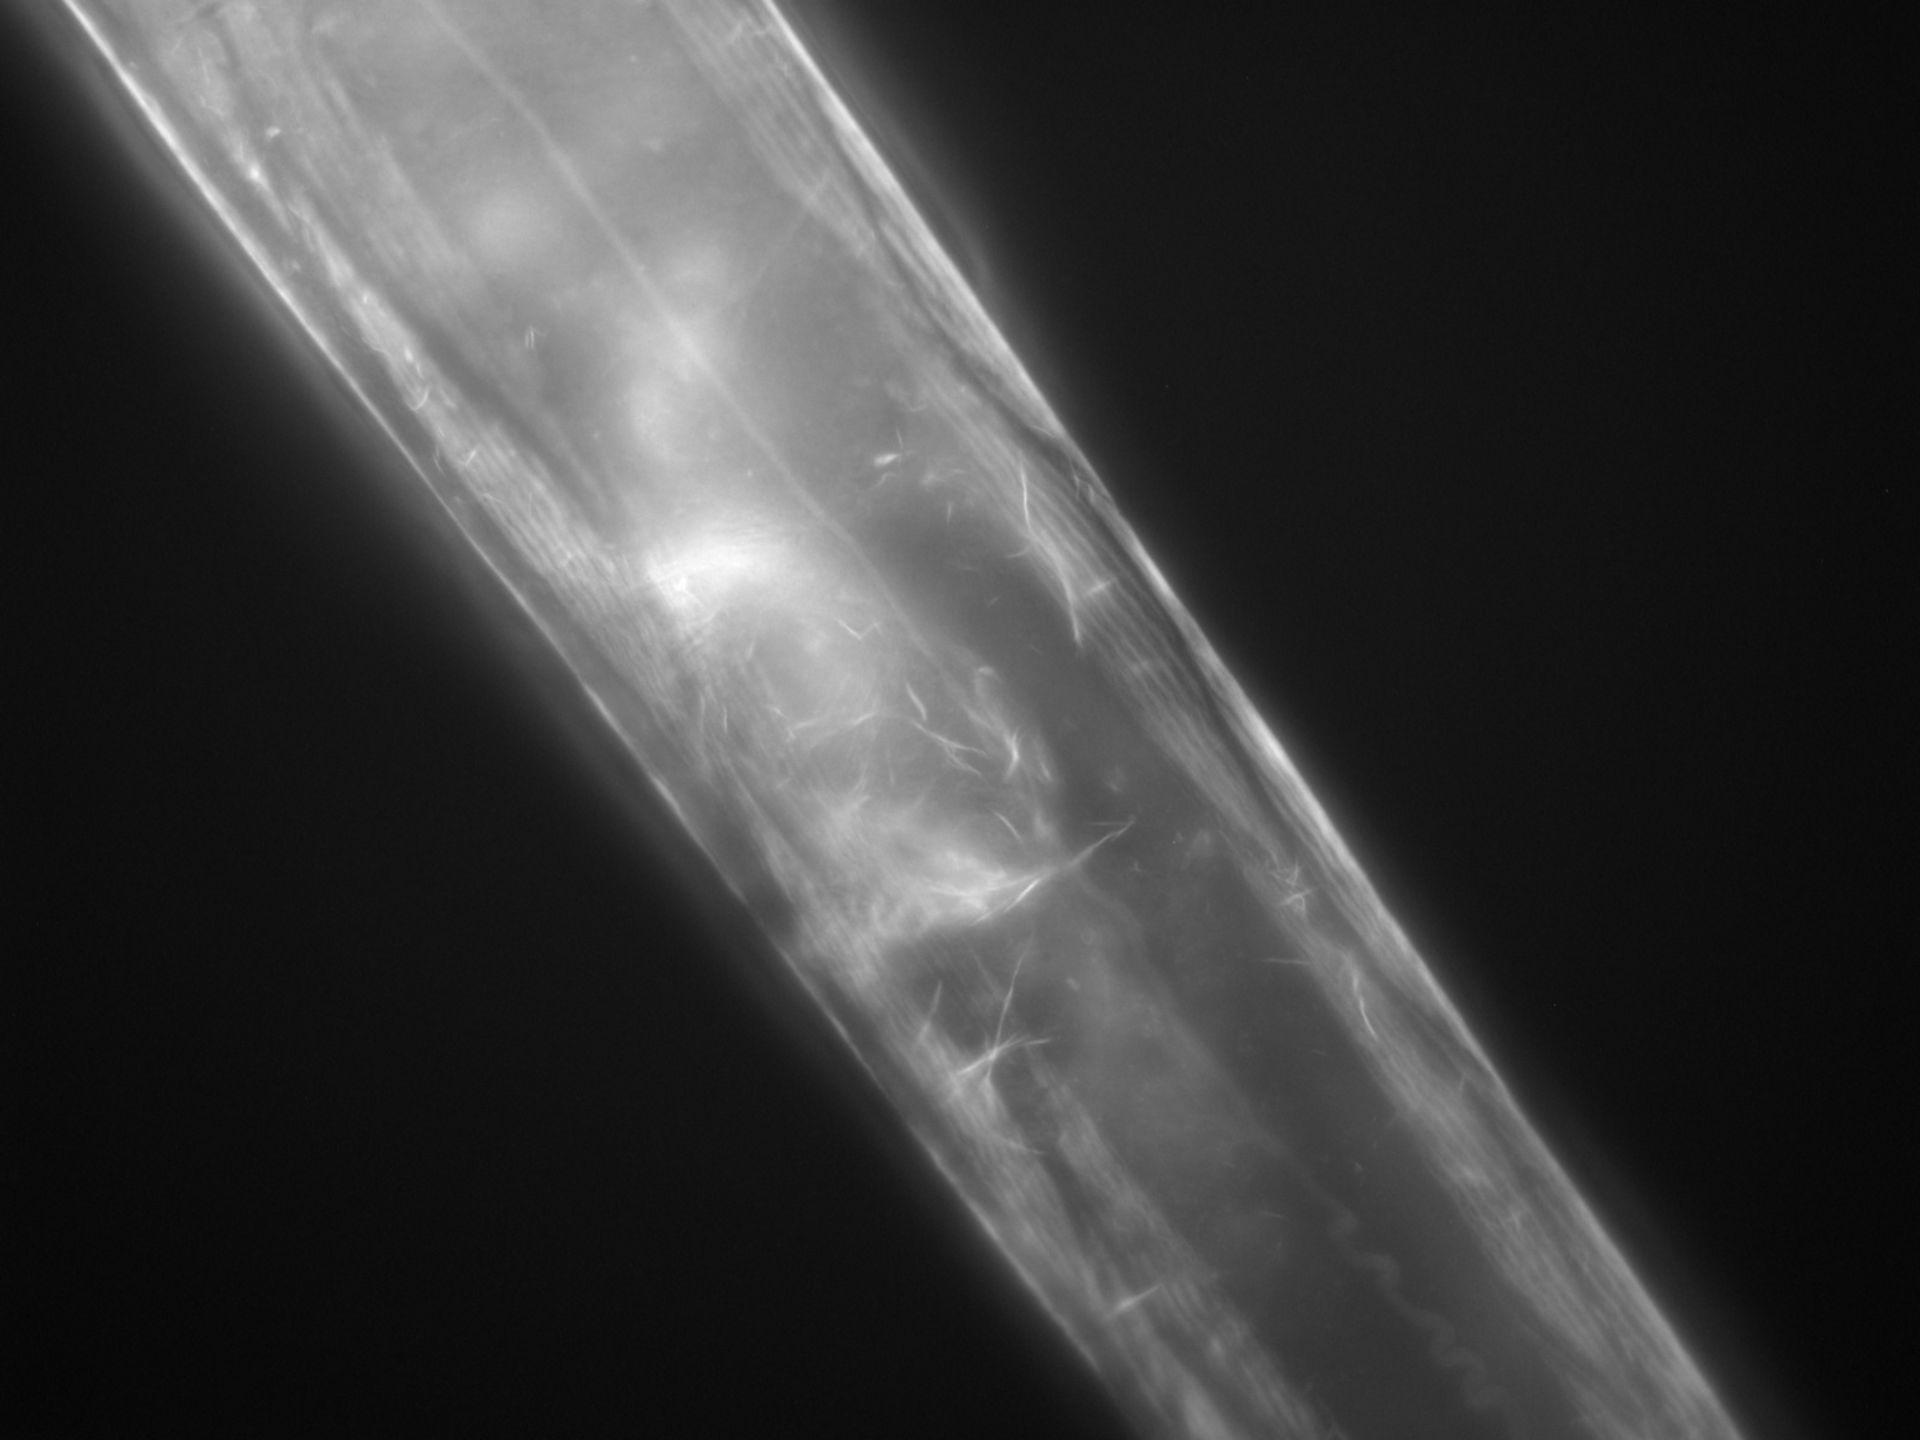 Caenorhabditis elegans (Actin filament) - CIL:1269